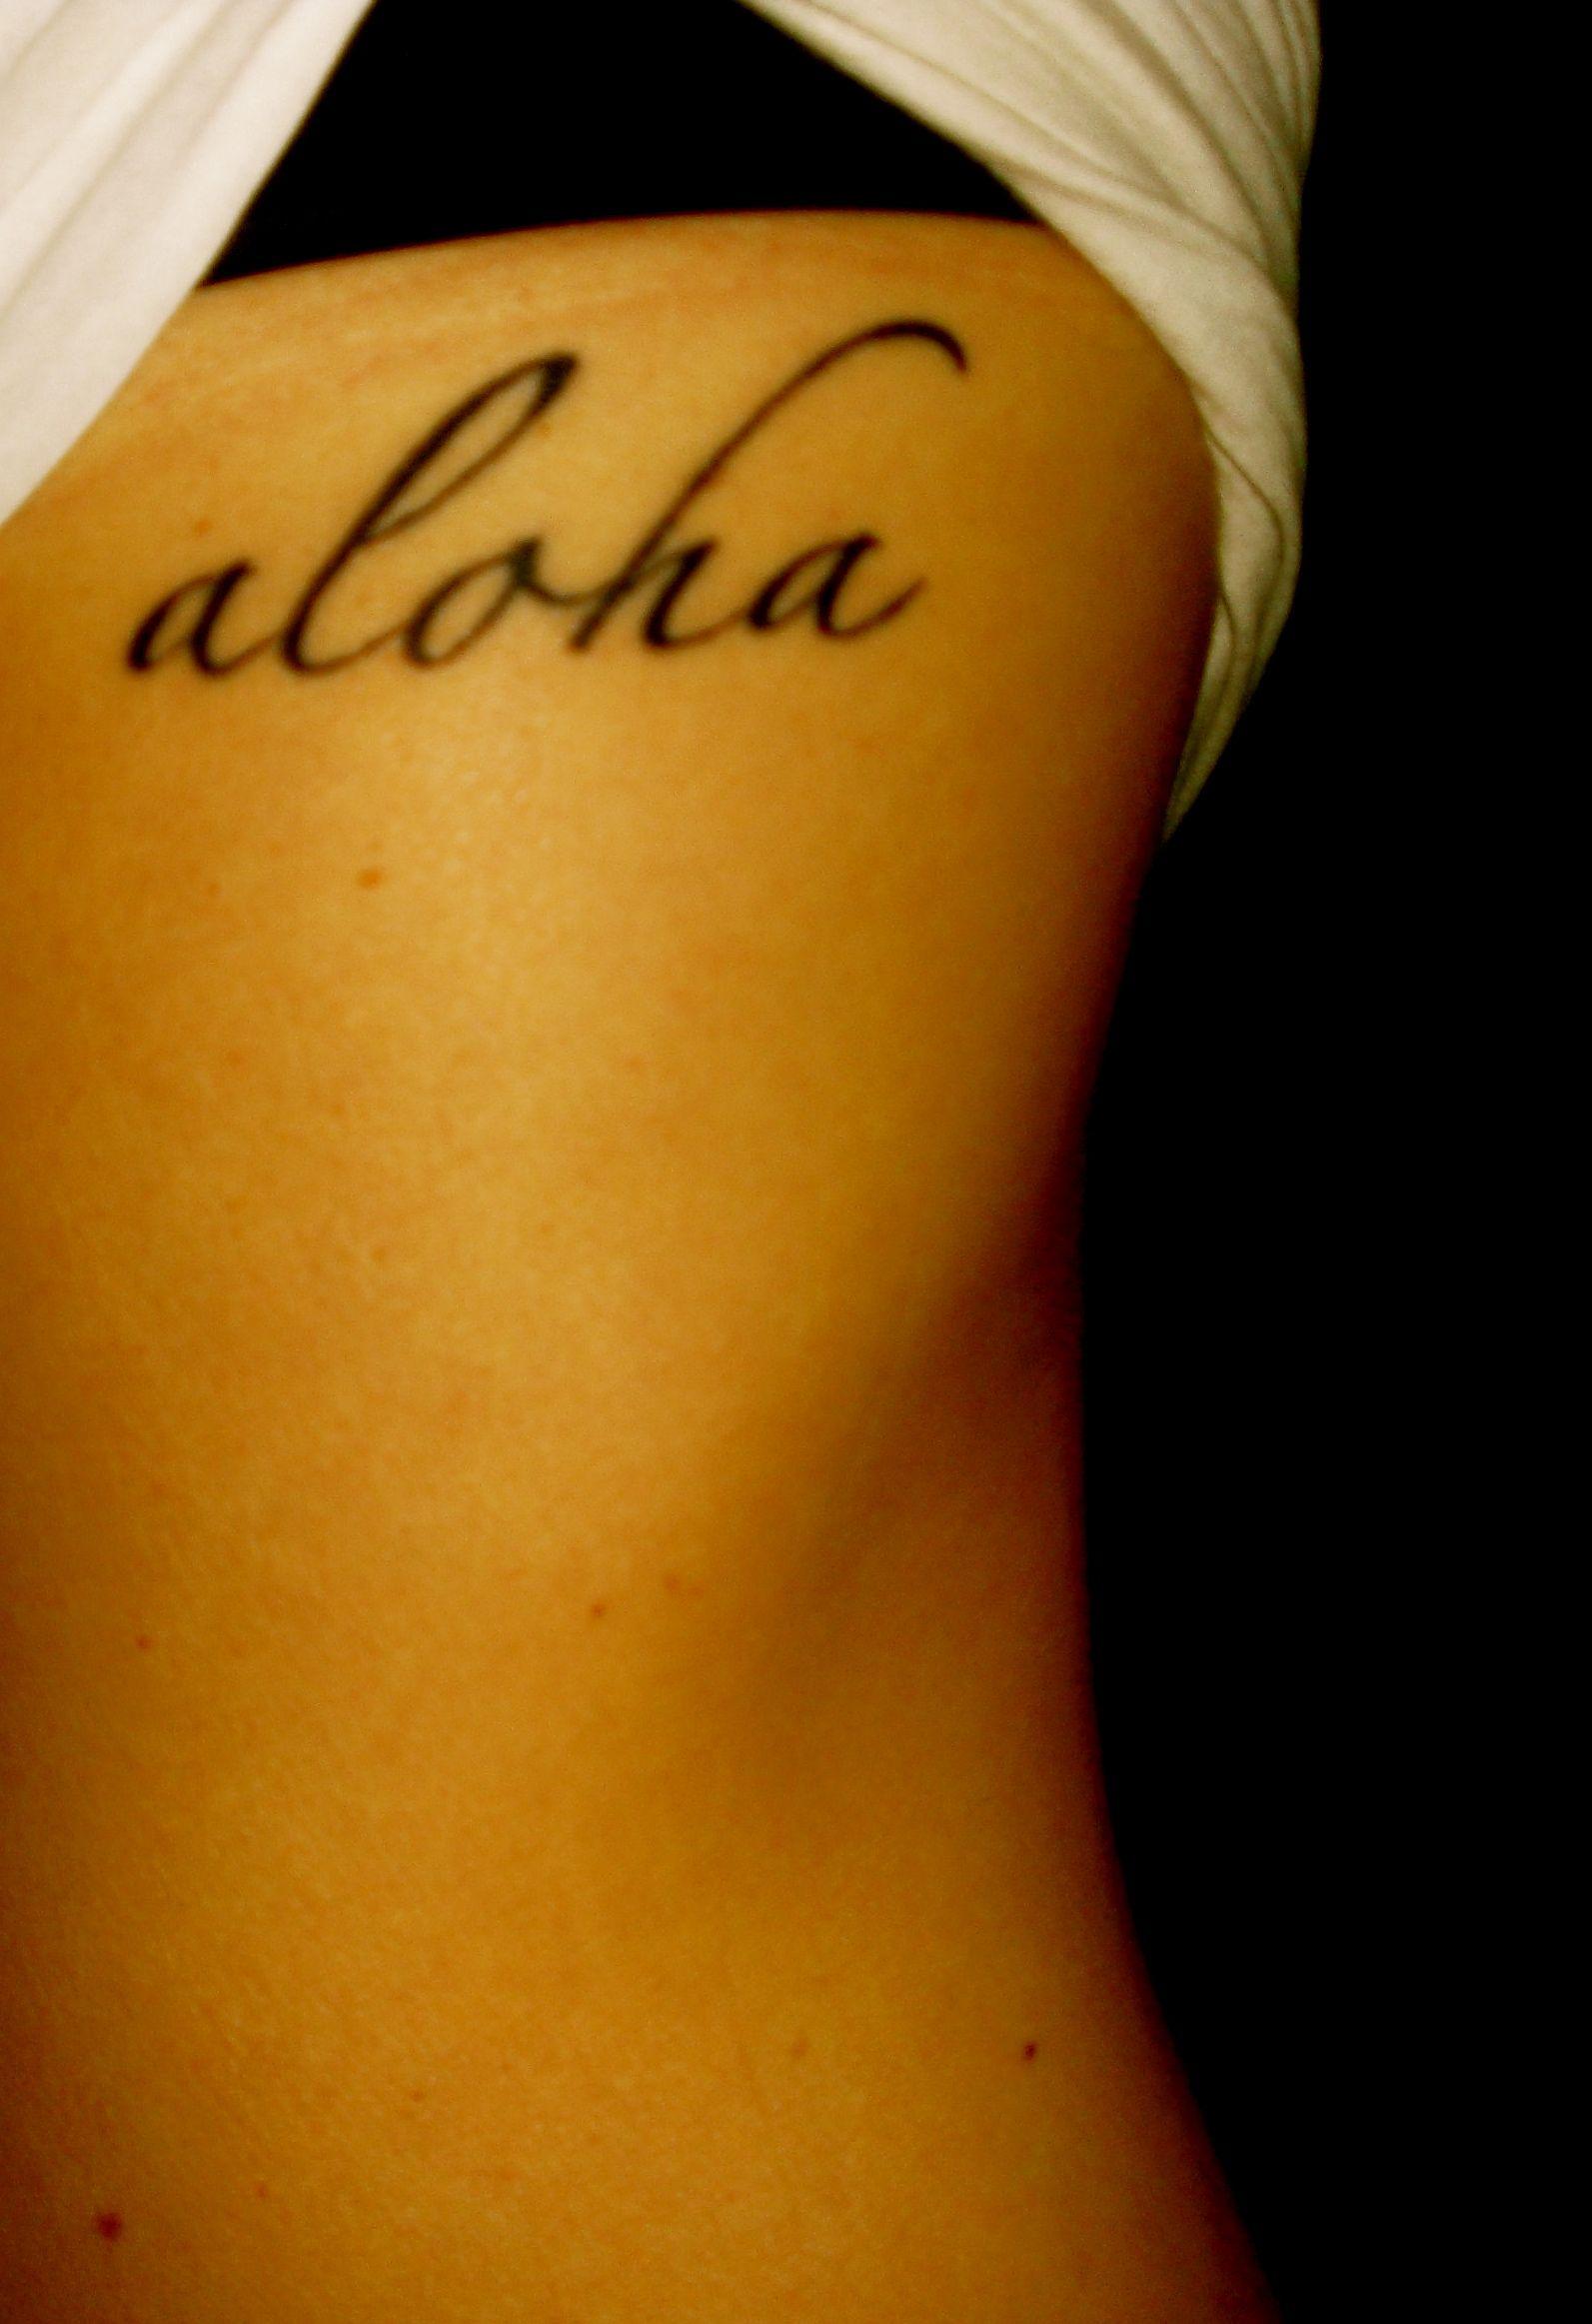 Aloha Tattoo